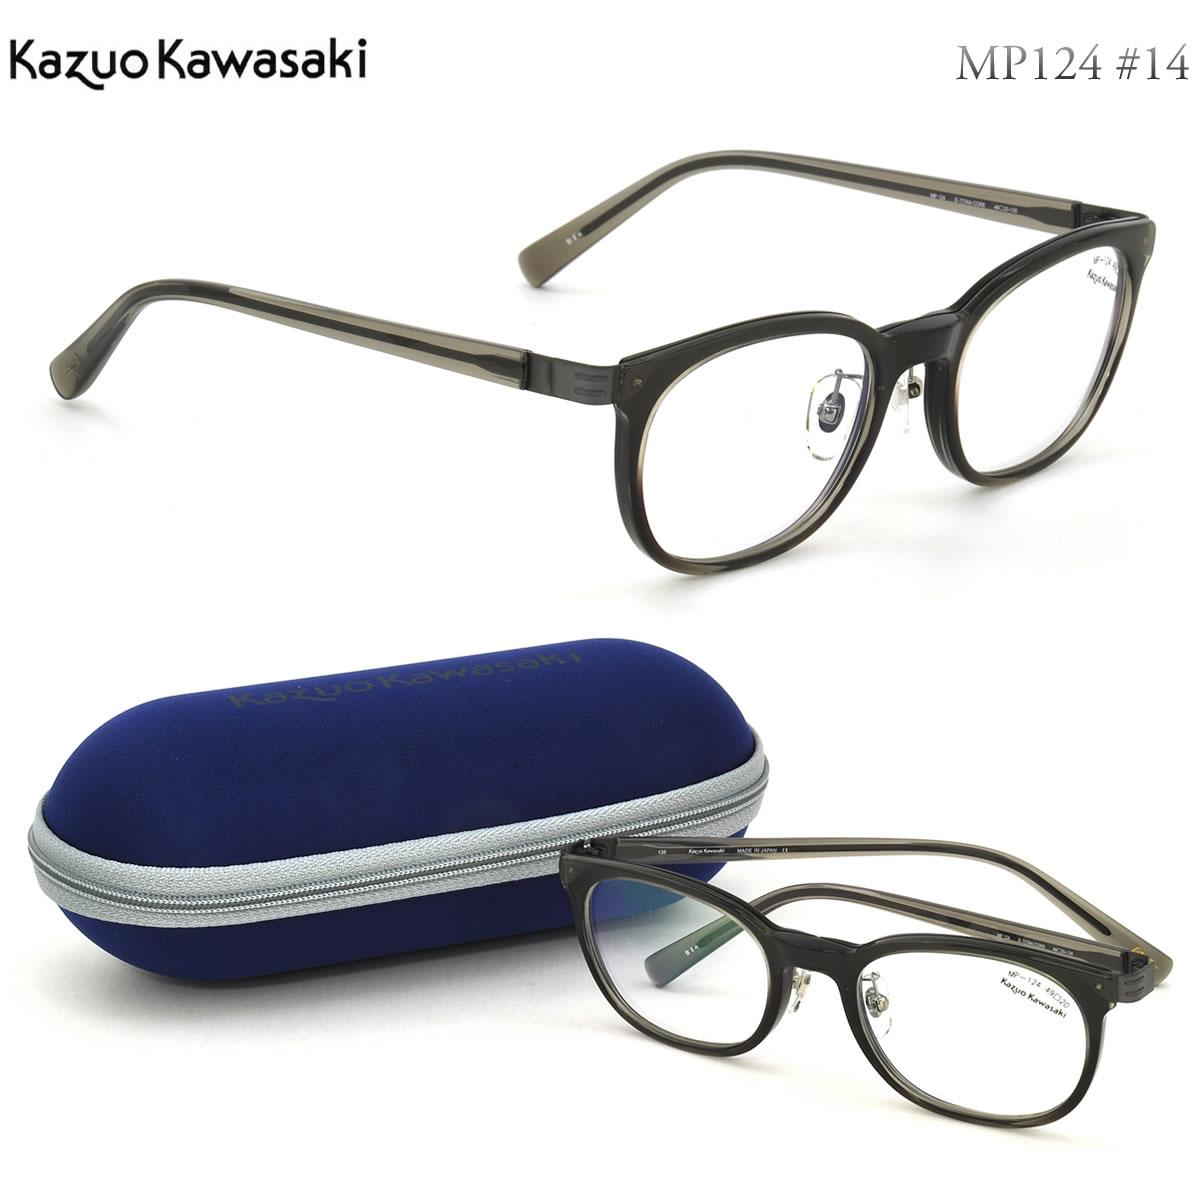 ほぼ全品ポイント15倍~最大43倍+3倍!お得なクーポンも! 【KAZUO KAWASAKI メガネ】カワサキカズオ メガネフレーム MP124 14 49サイズ